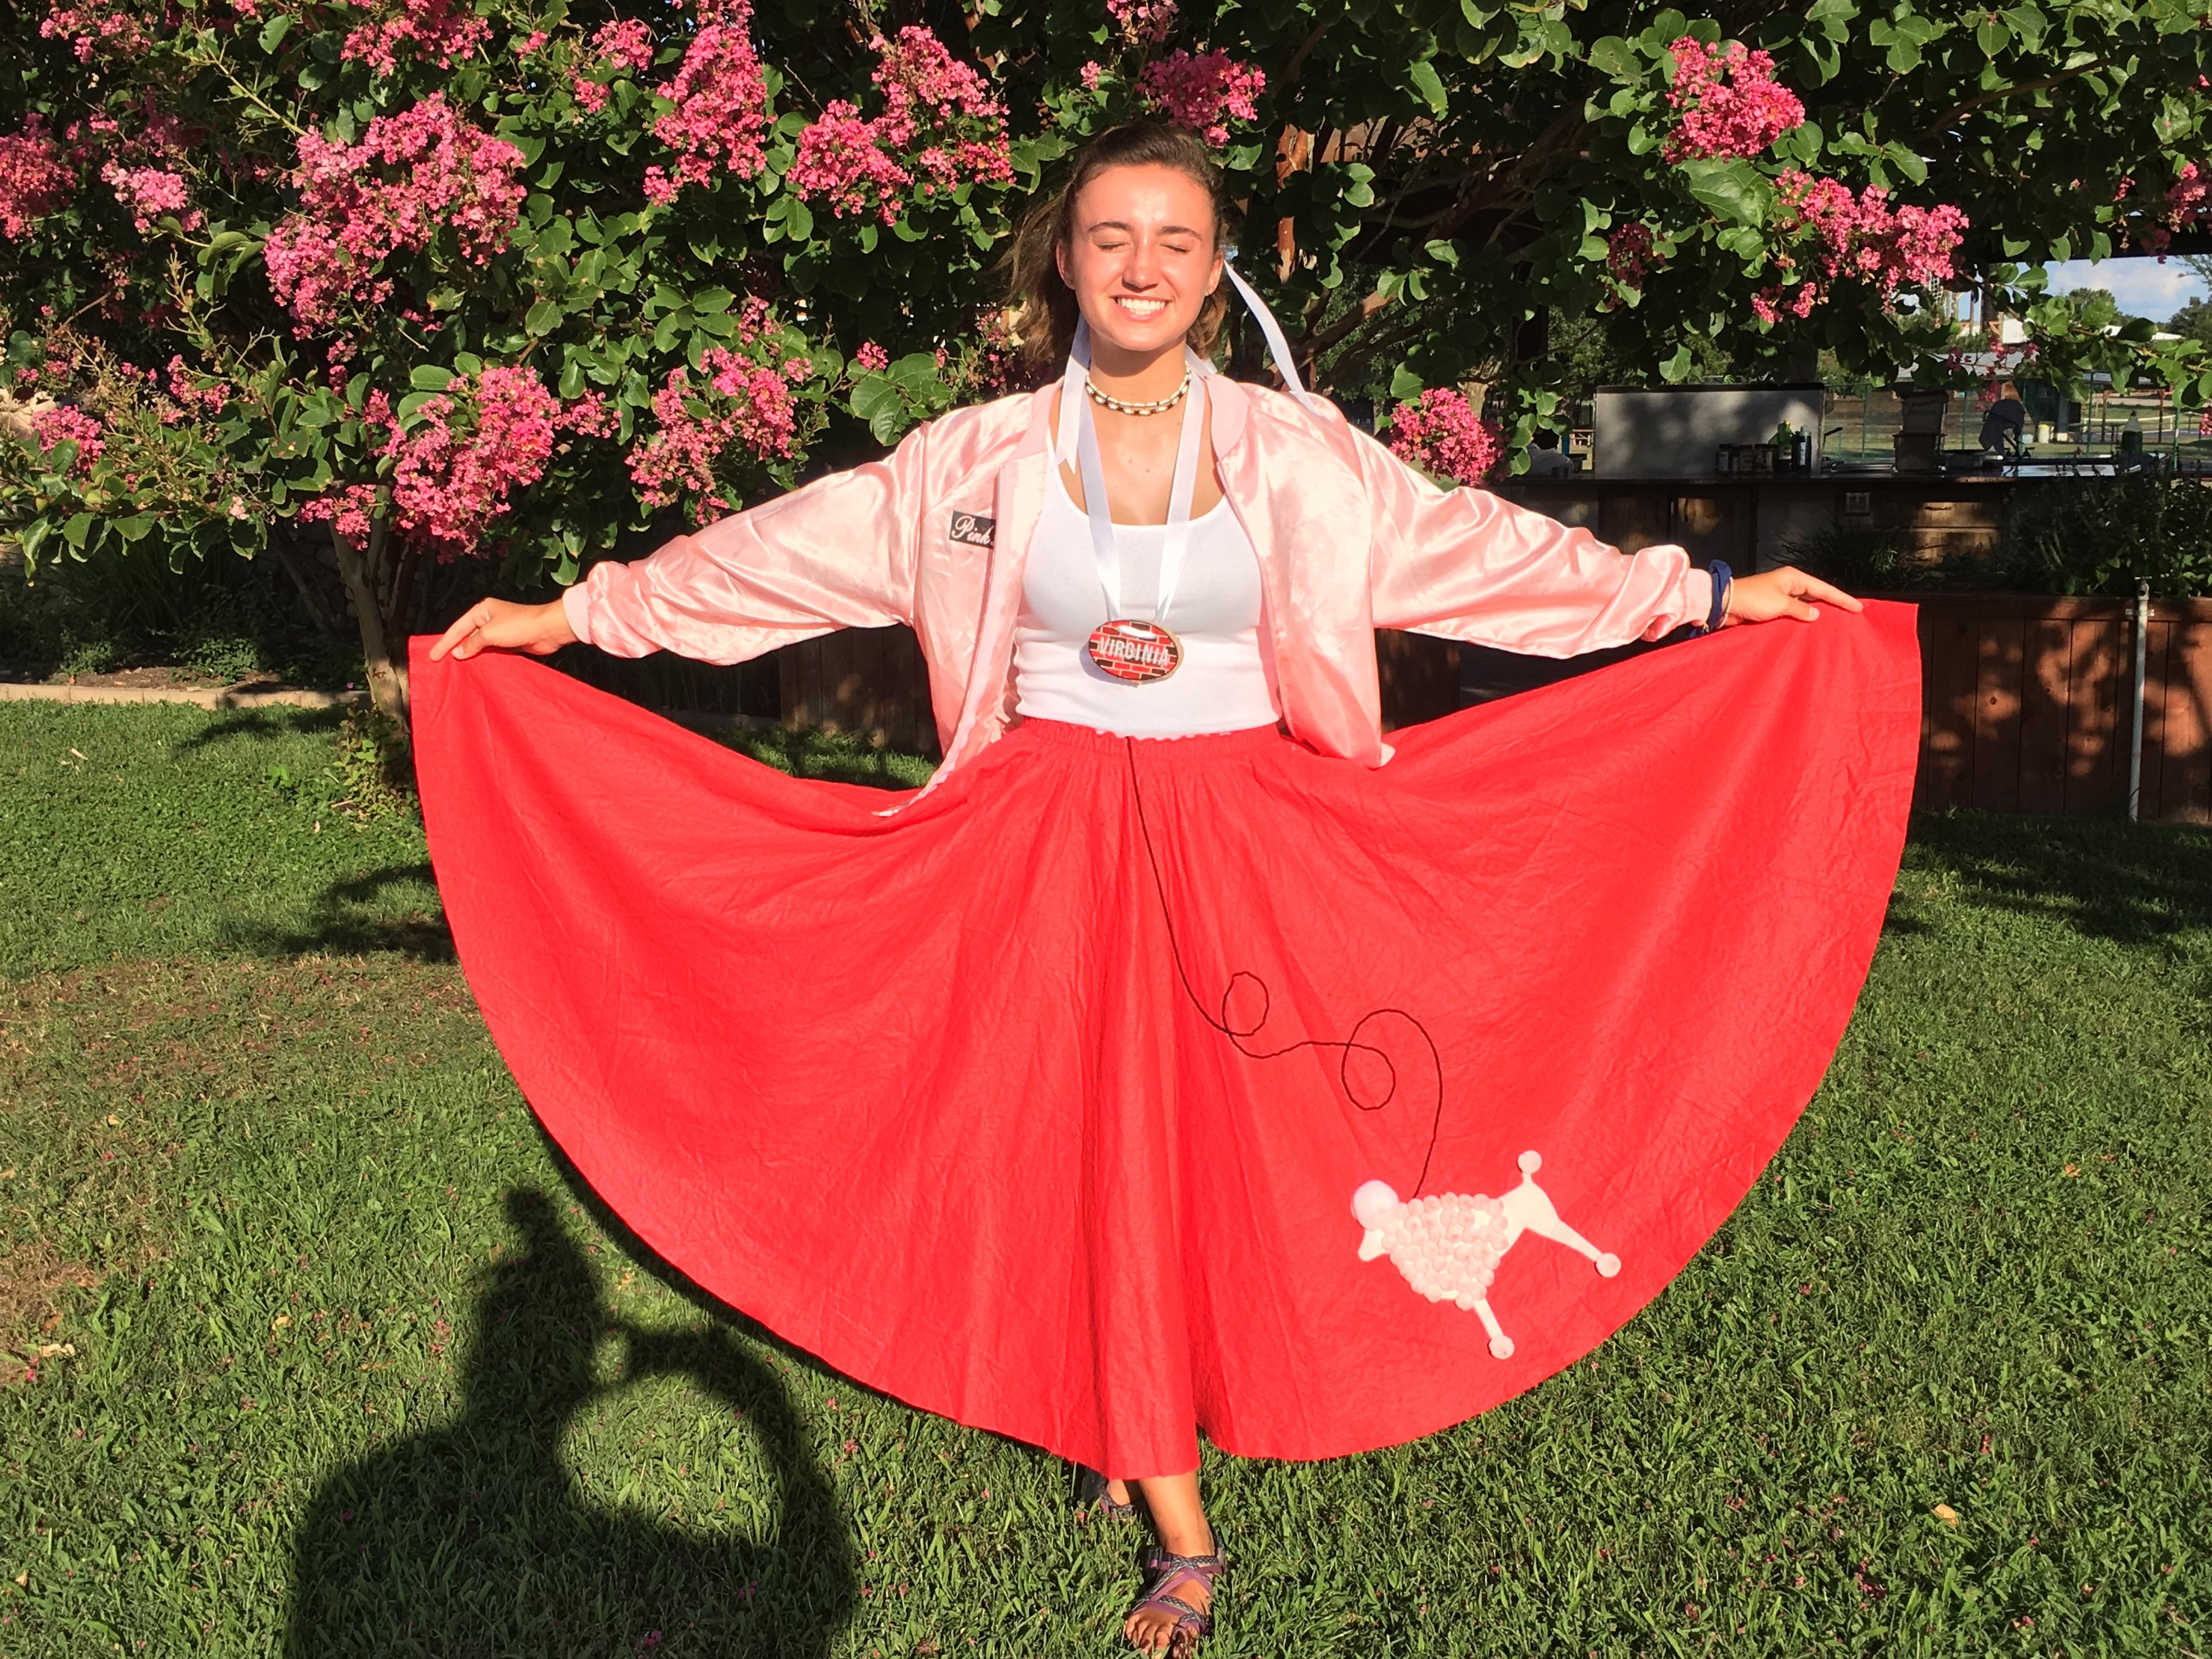 Squinting Virginia Poodle Skirt.jpg